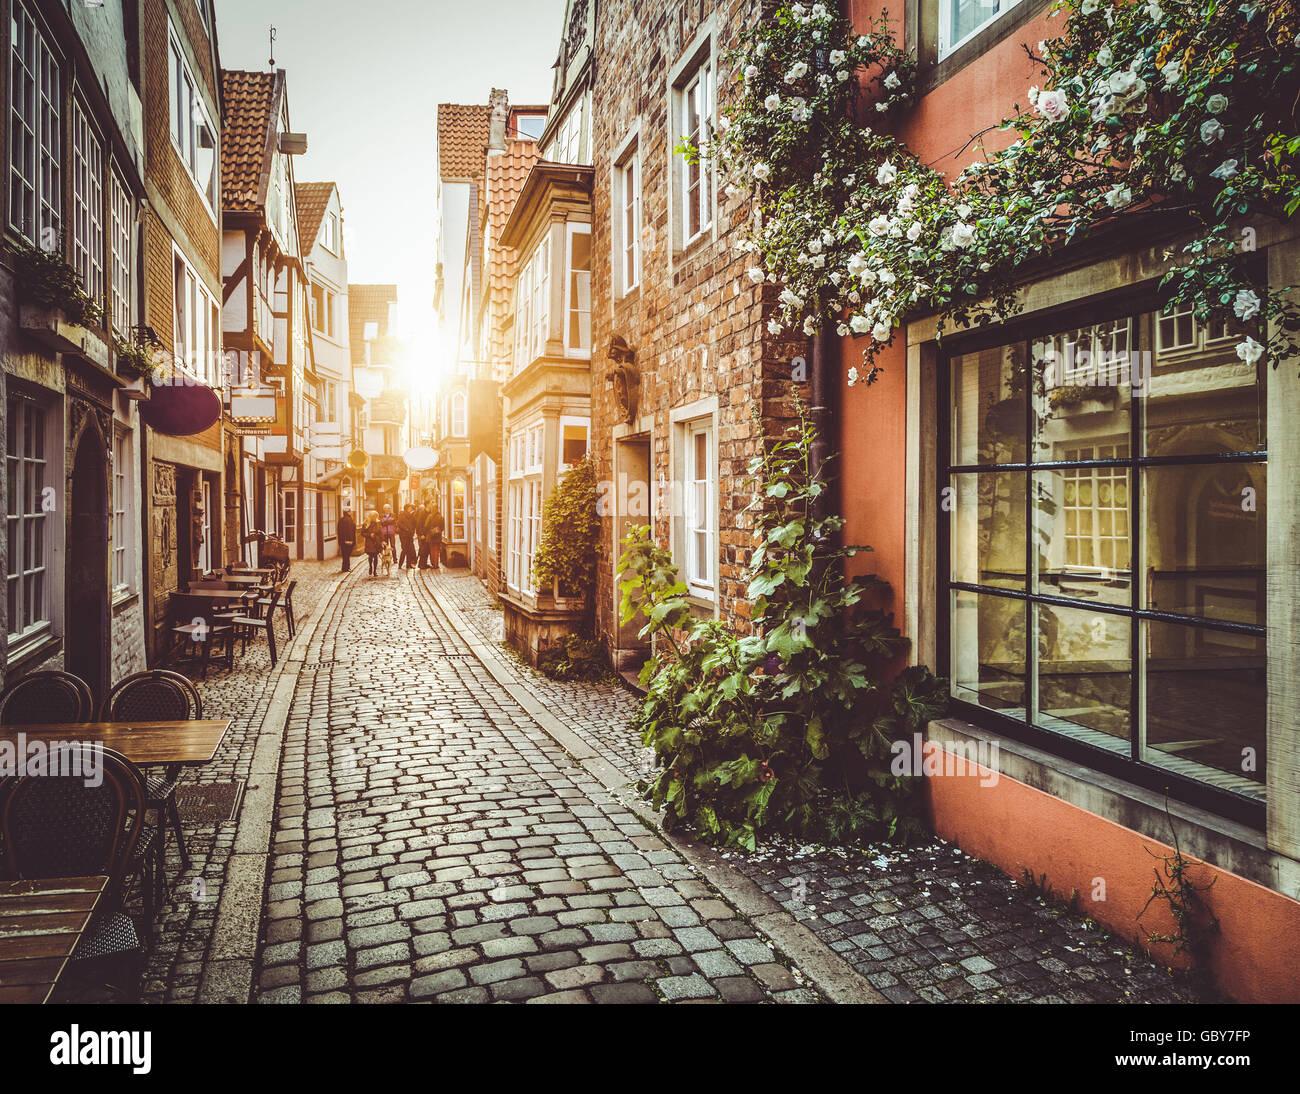 Vieille ville enchanteresse en Europe dans la belle lumière du soir d'or au coucher du soleil en été Photo Stock